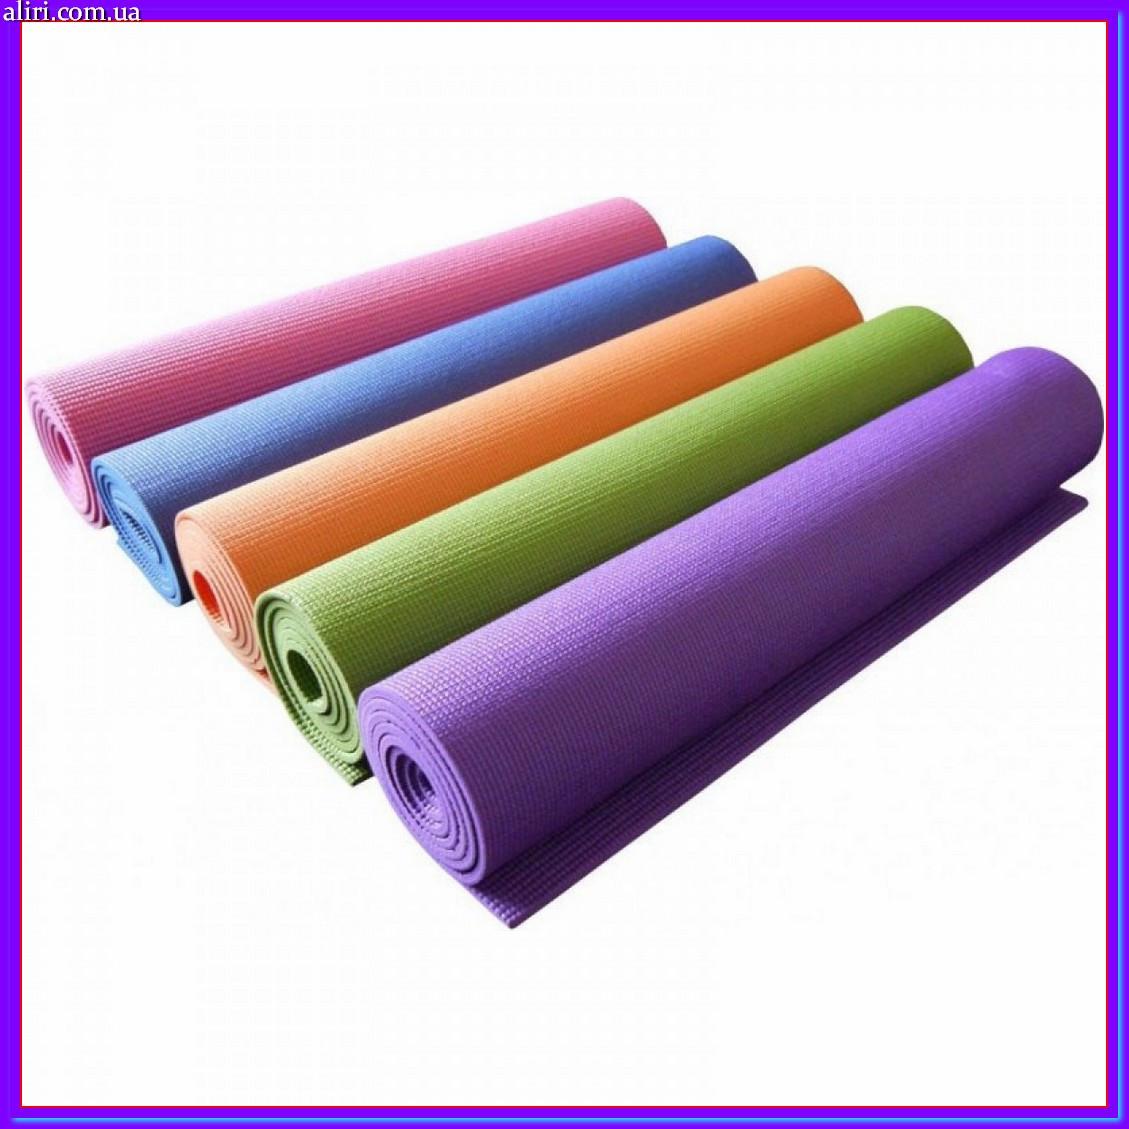 Коврик для йоги и фитнеса 181*60 см, Йогамат MS0613